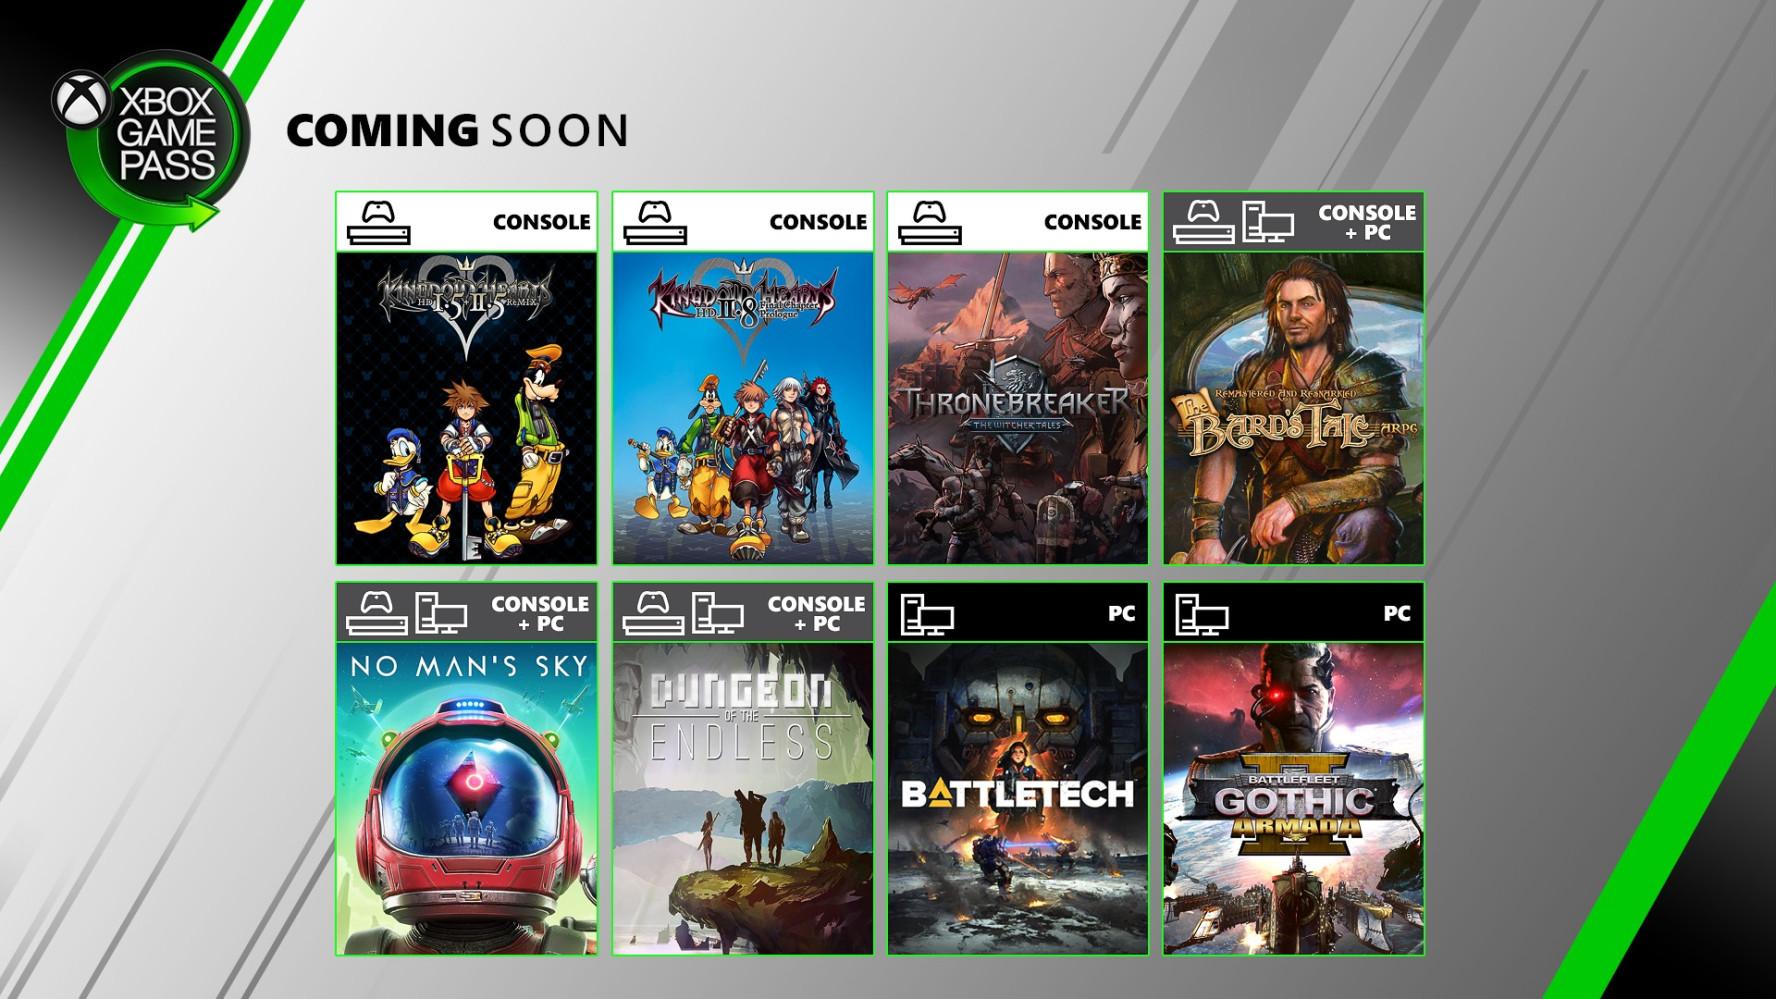 XGP六月新游戏:《王国之心》礼包,还有《王权的陨落》等